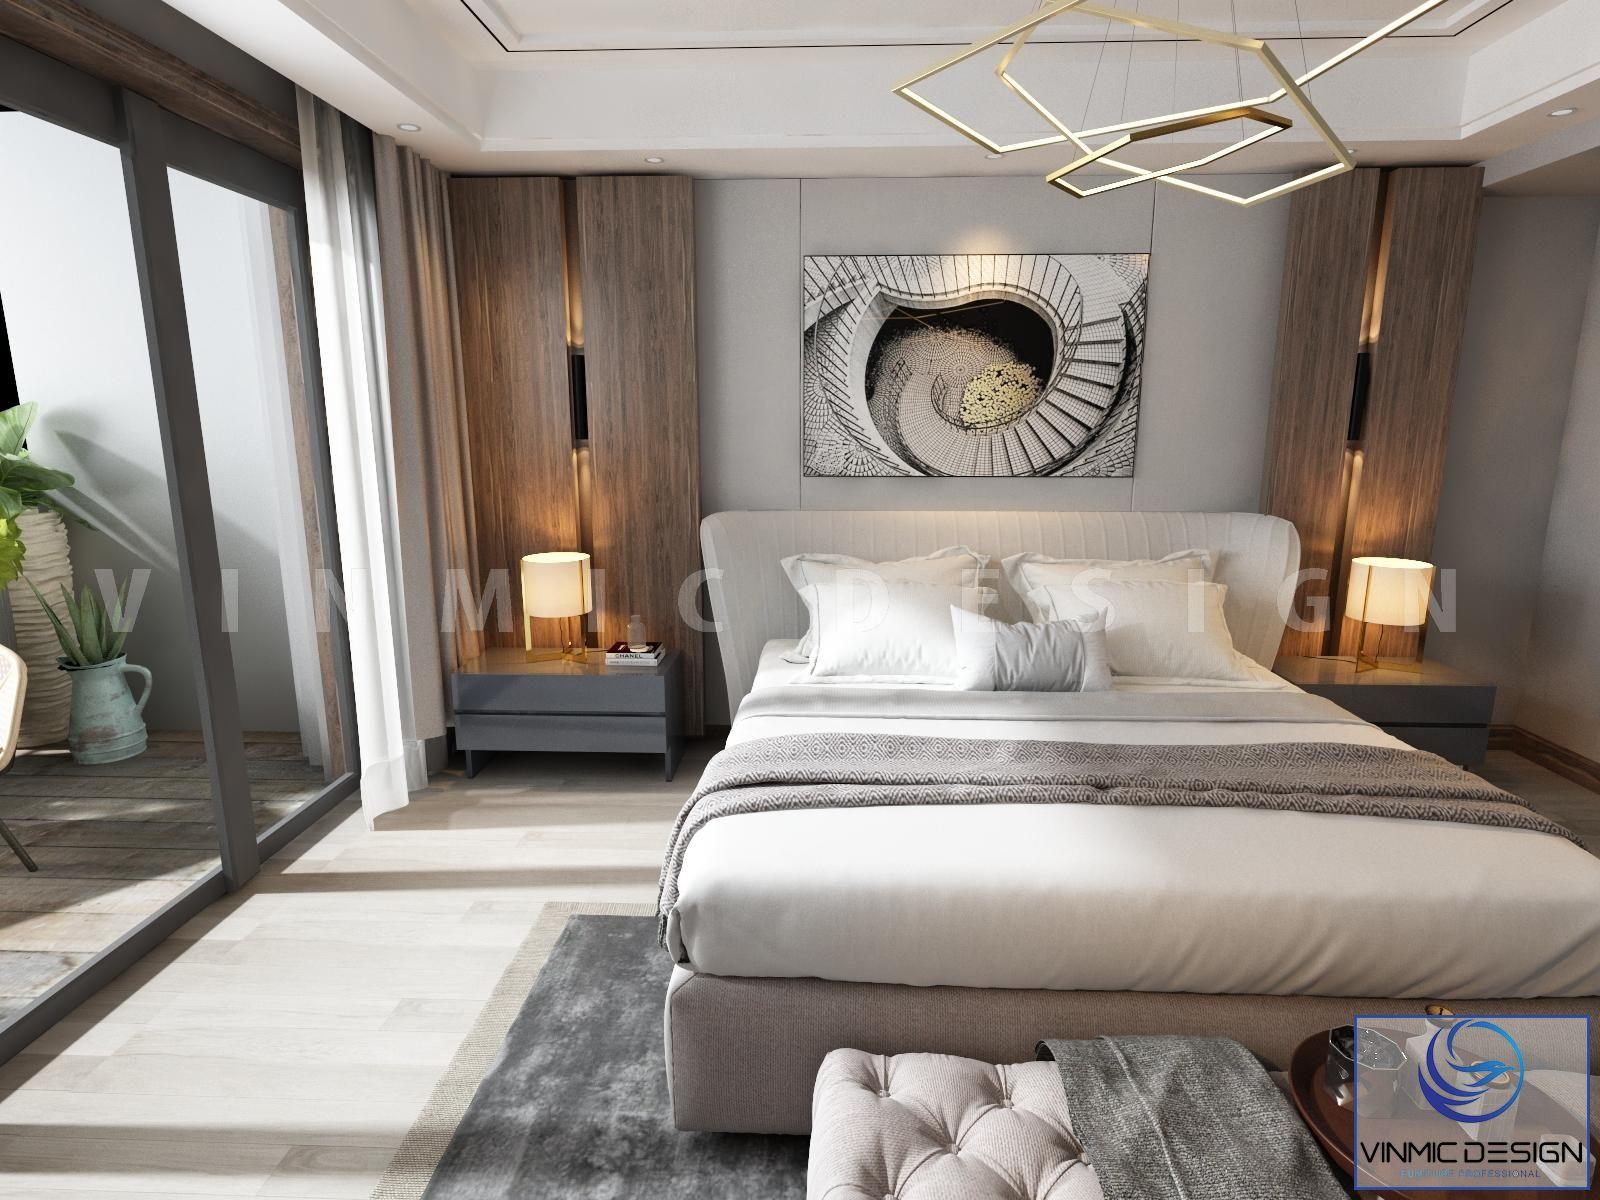 Thiết kế phòng ngủ với bộ giường đẳng cấp